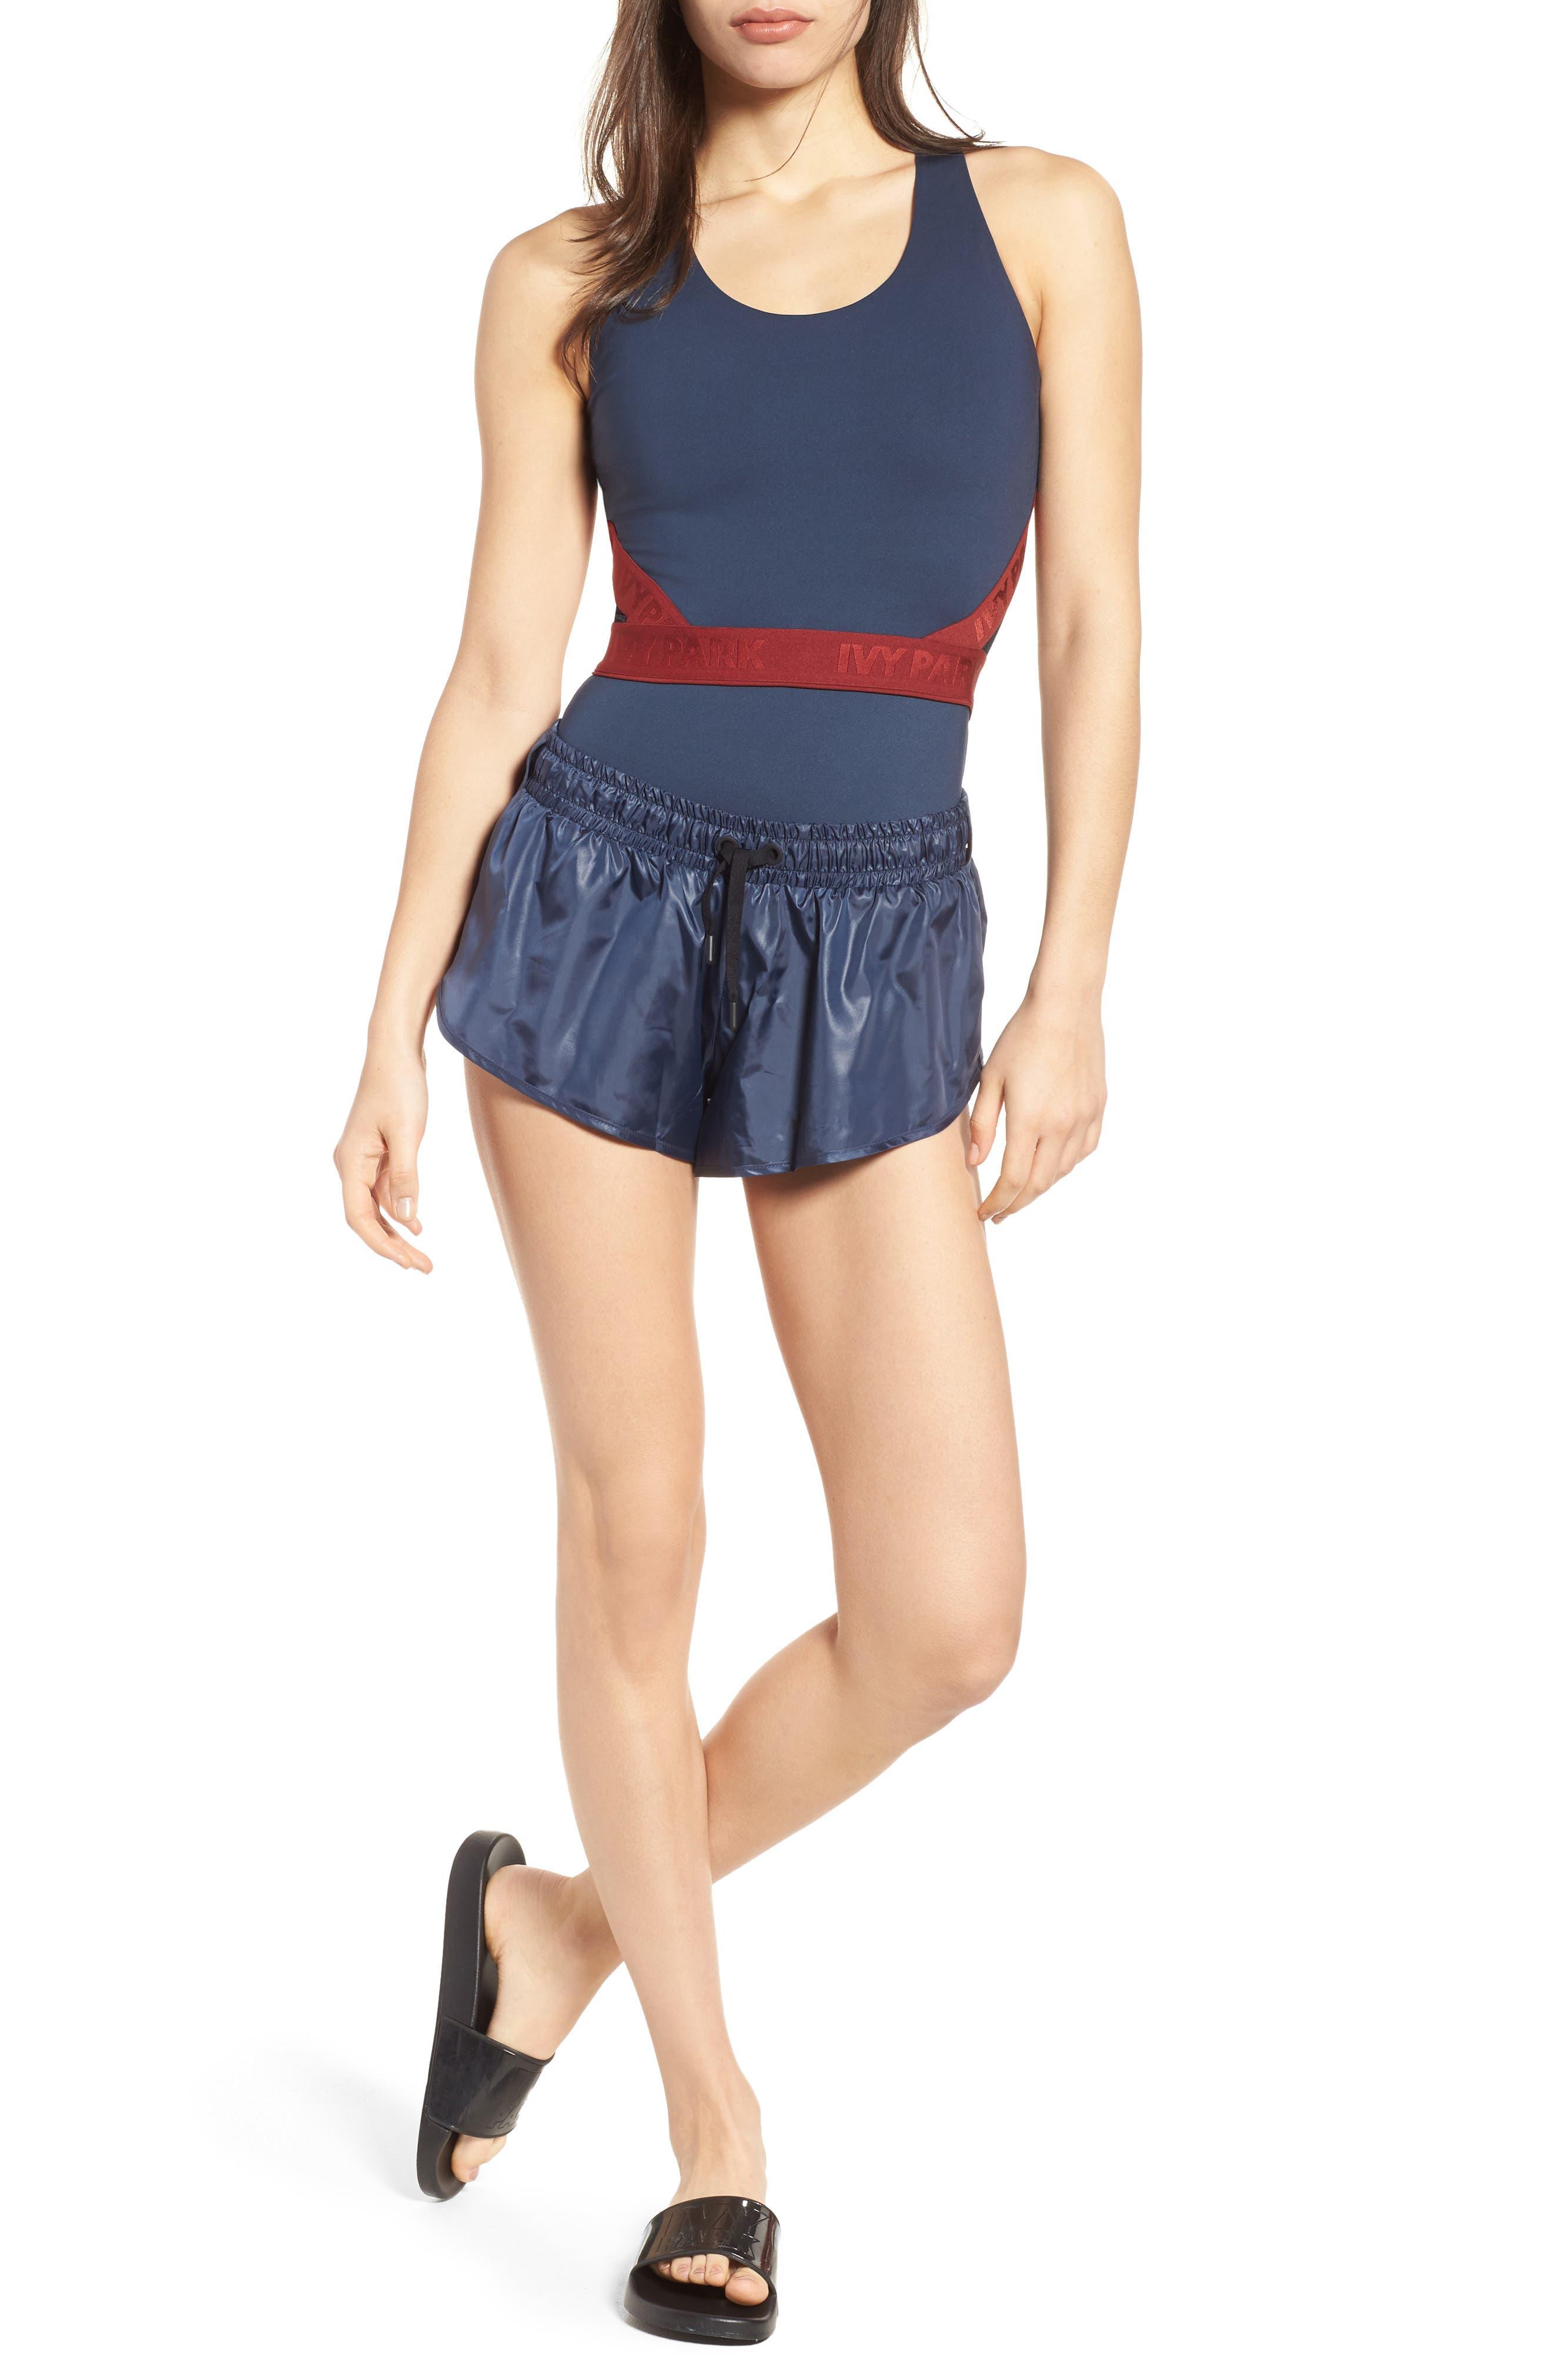 Main Image - IVY PARK® Colorblock Mesh Inset Bodysuit